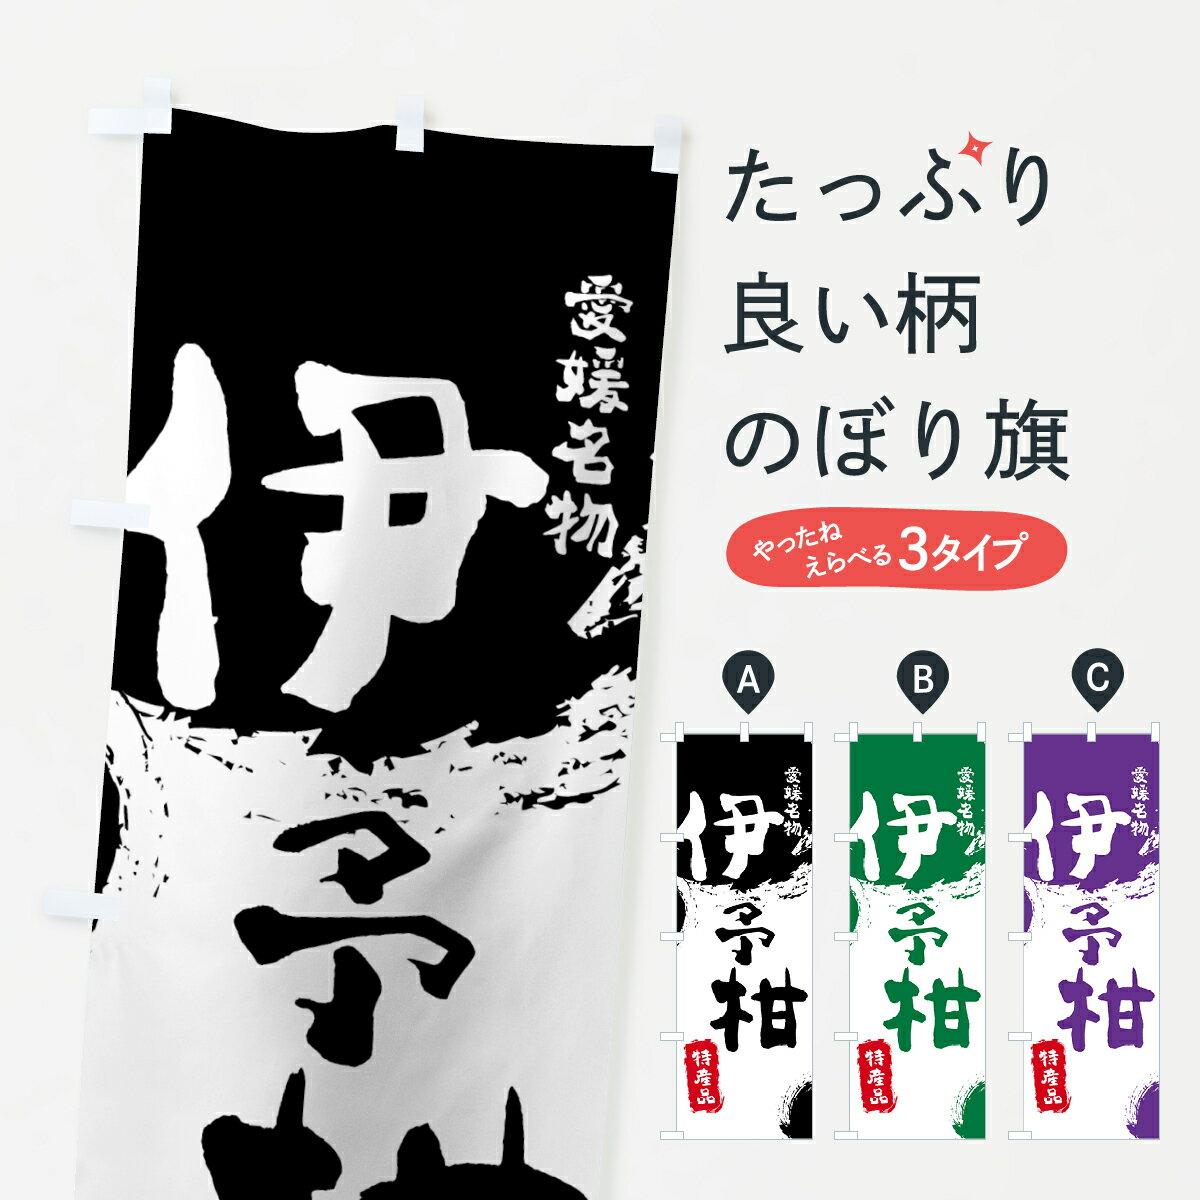 【3980送料無料】 のぼり旗 伊予柑のぼり 特産品 愛媛名物 いよかん みかん・柑橘類